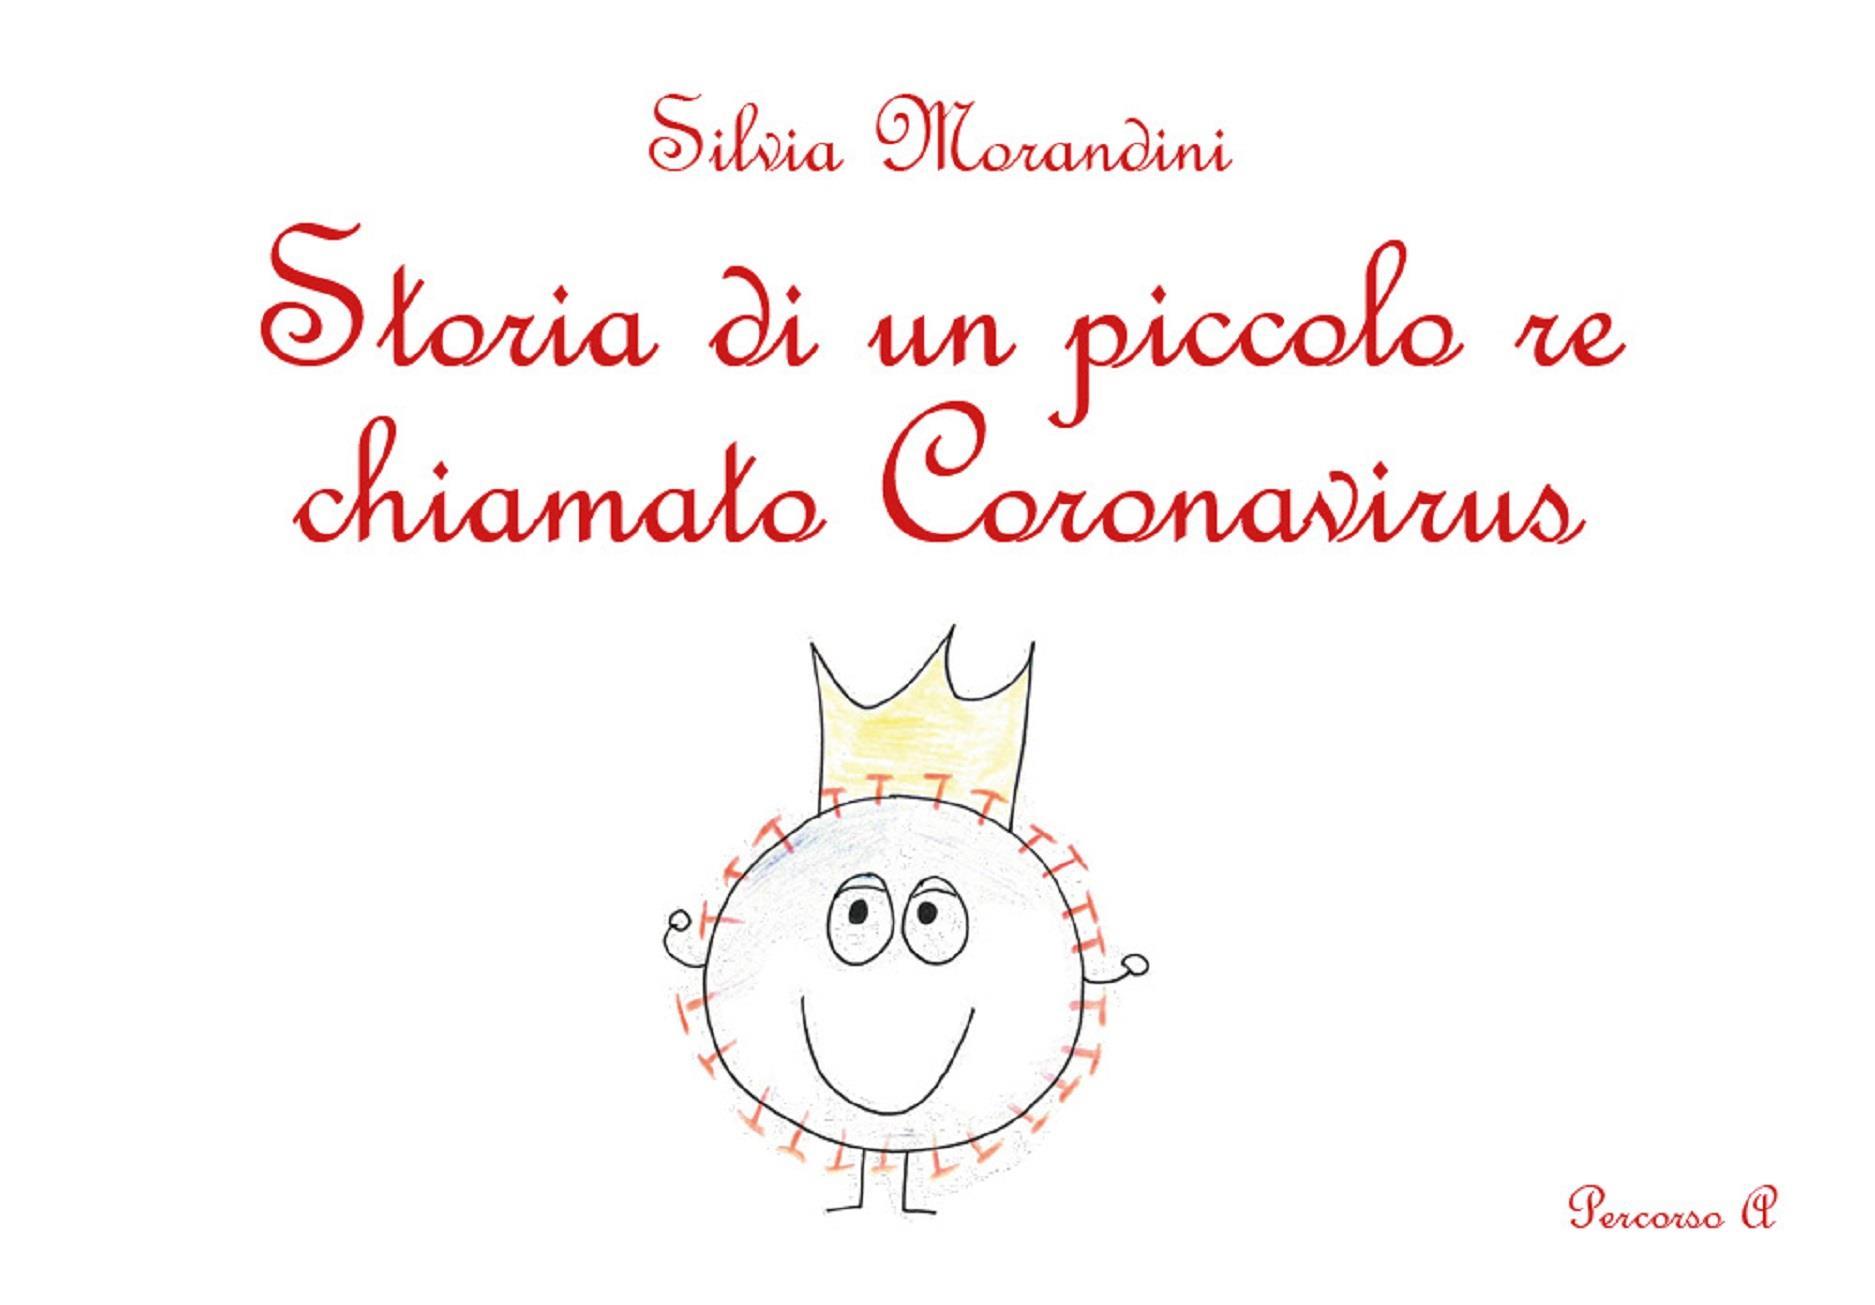 Storia di un piccolo re chiamato Coronavirus